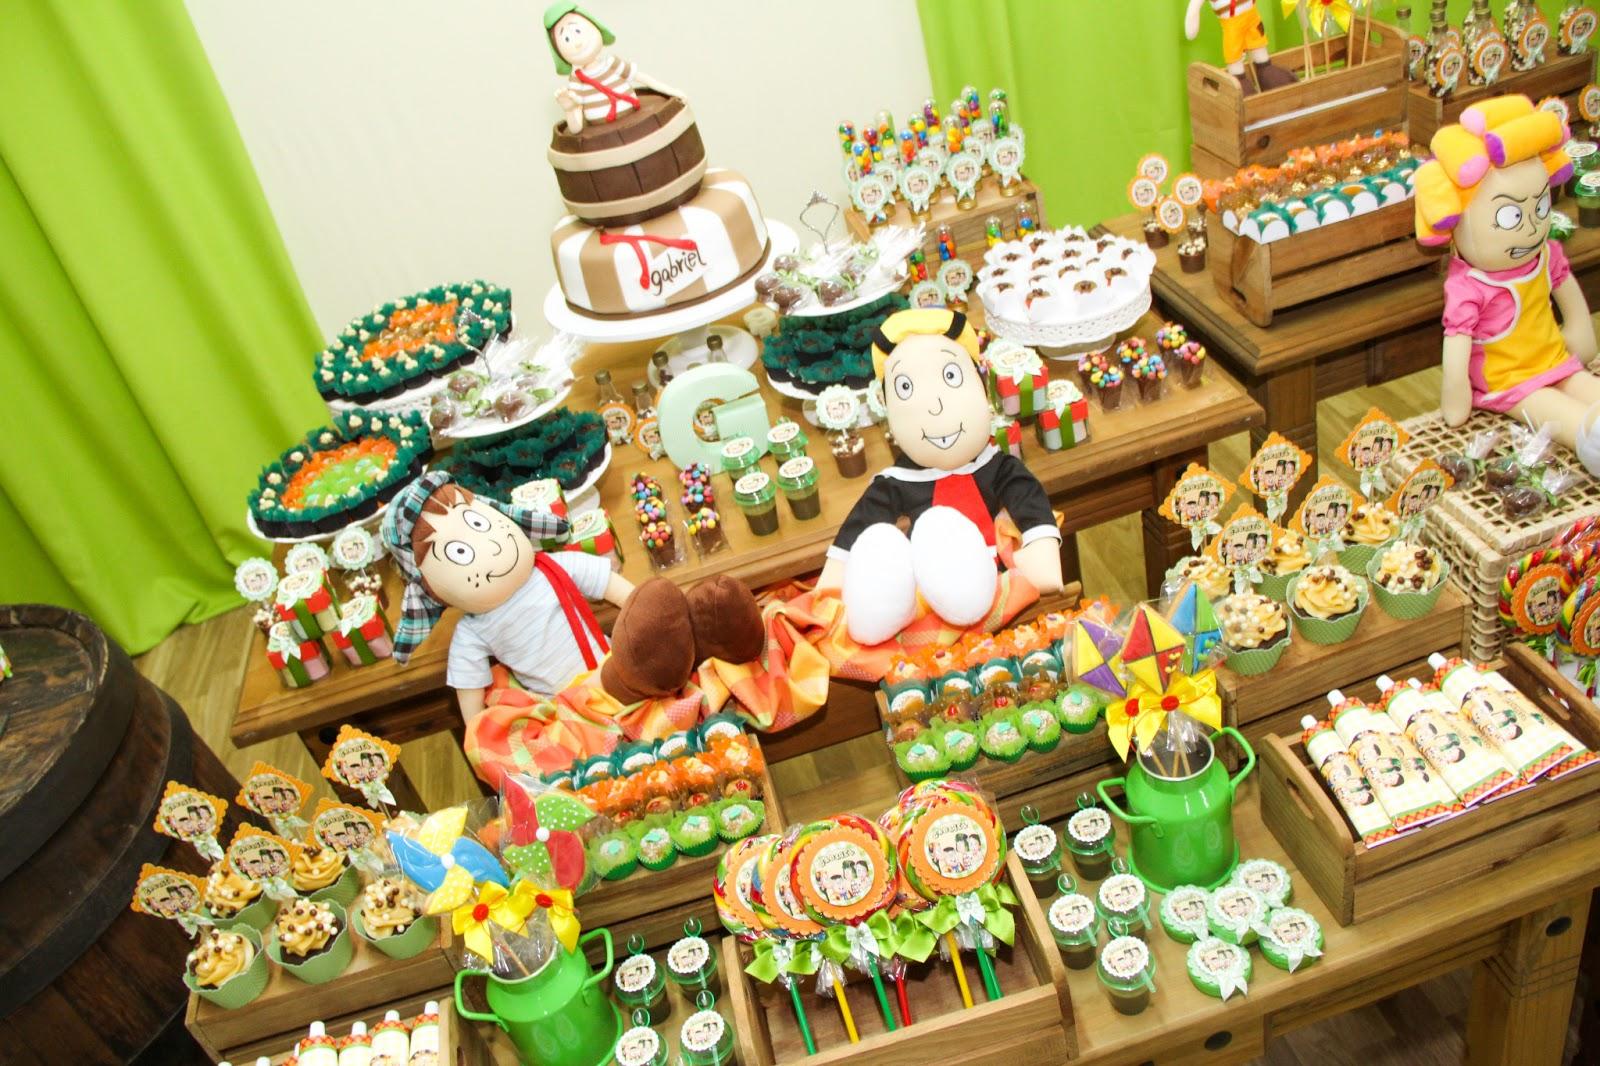 Buffet Oficina das Festas Festa Turma do Chaves  Gabriel 9 anos